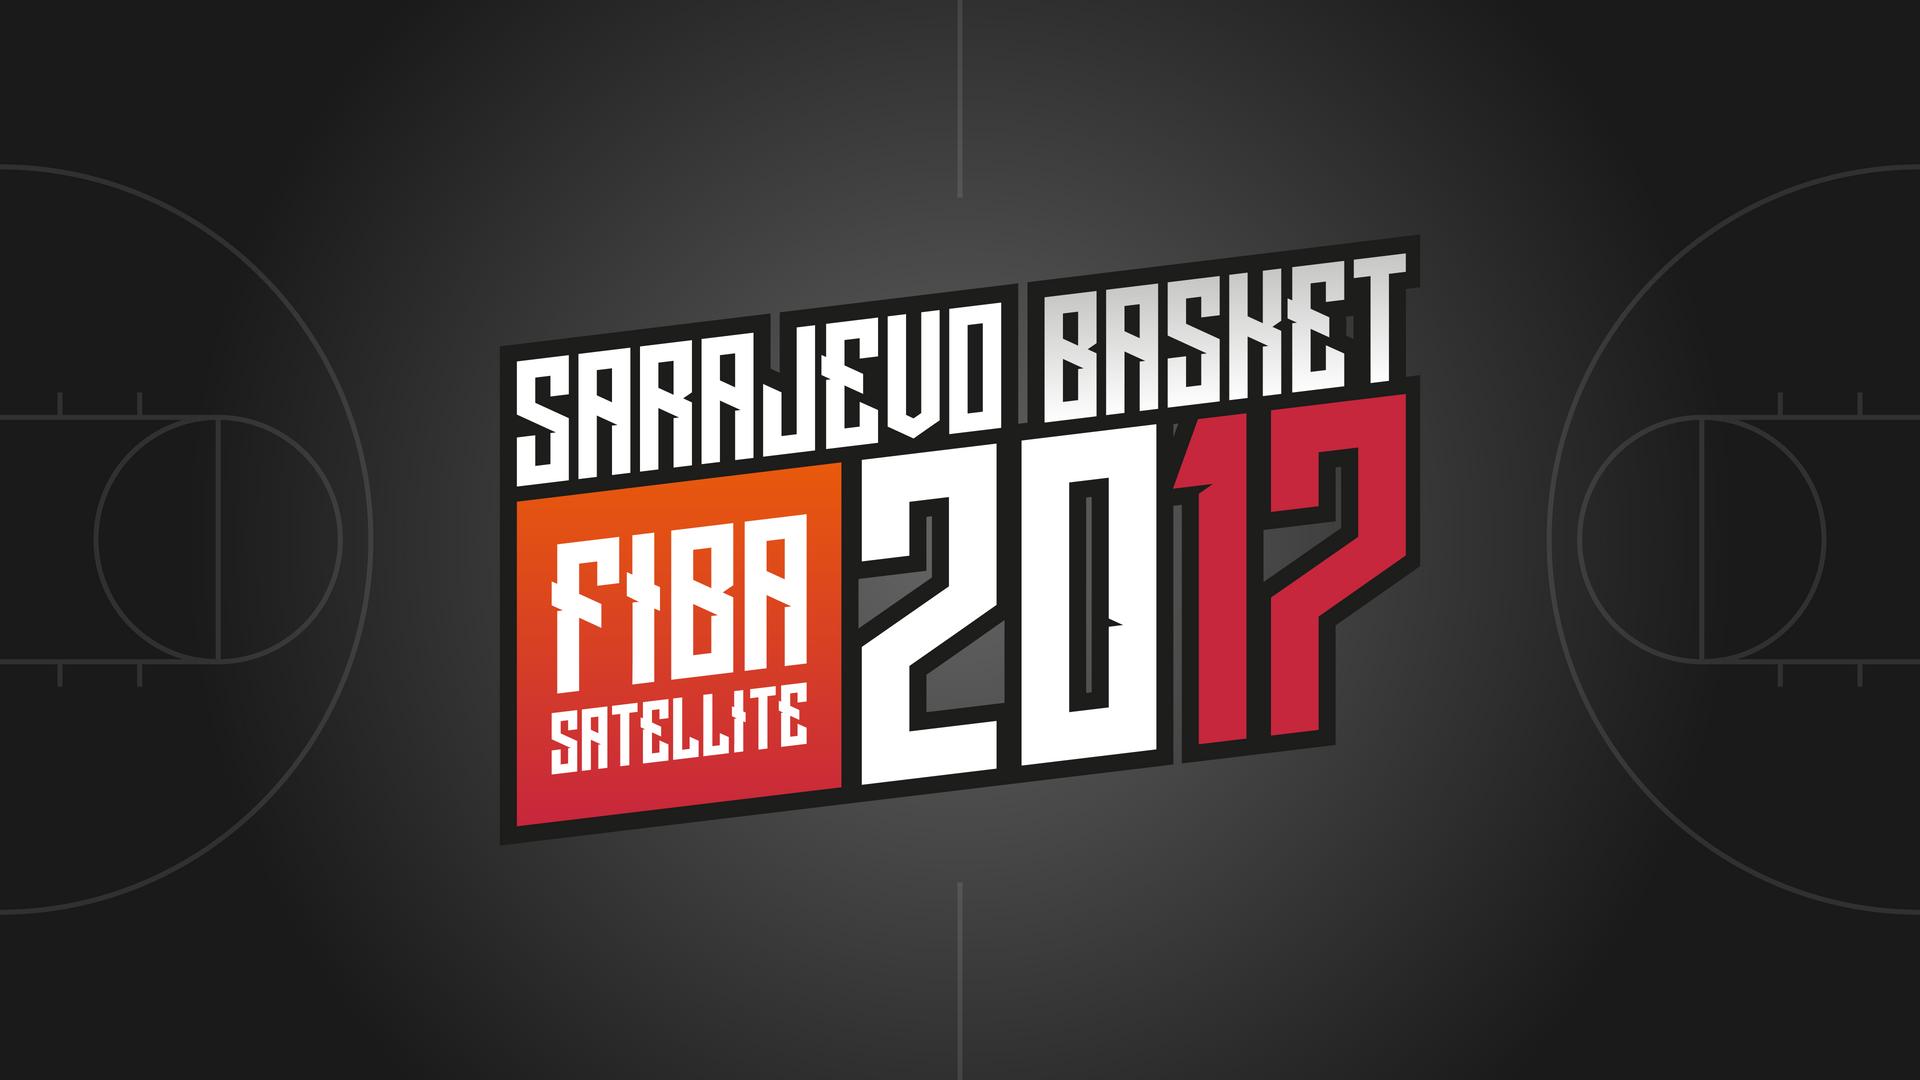 3x3 Sarajevo Basket